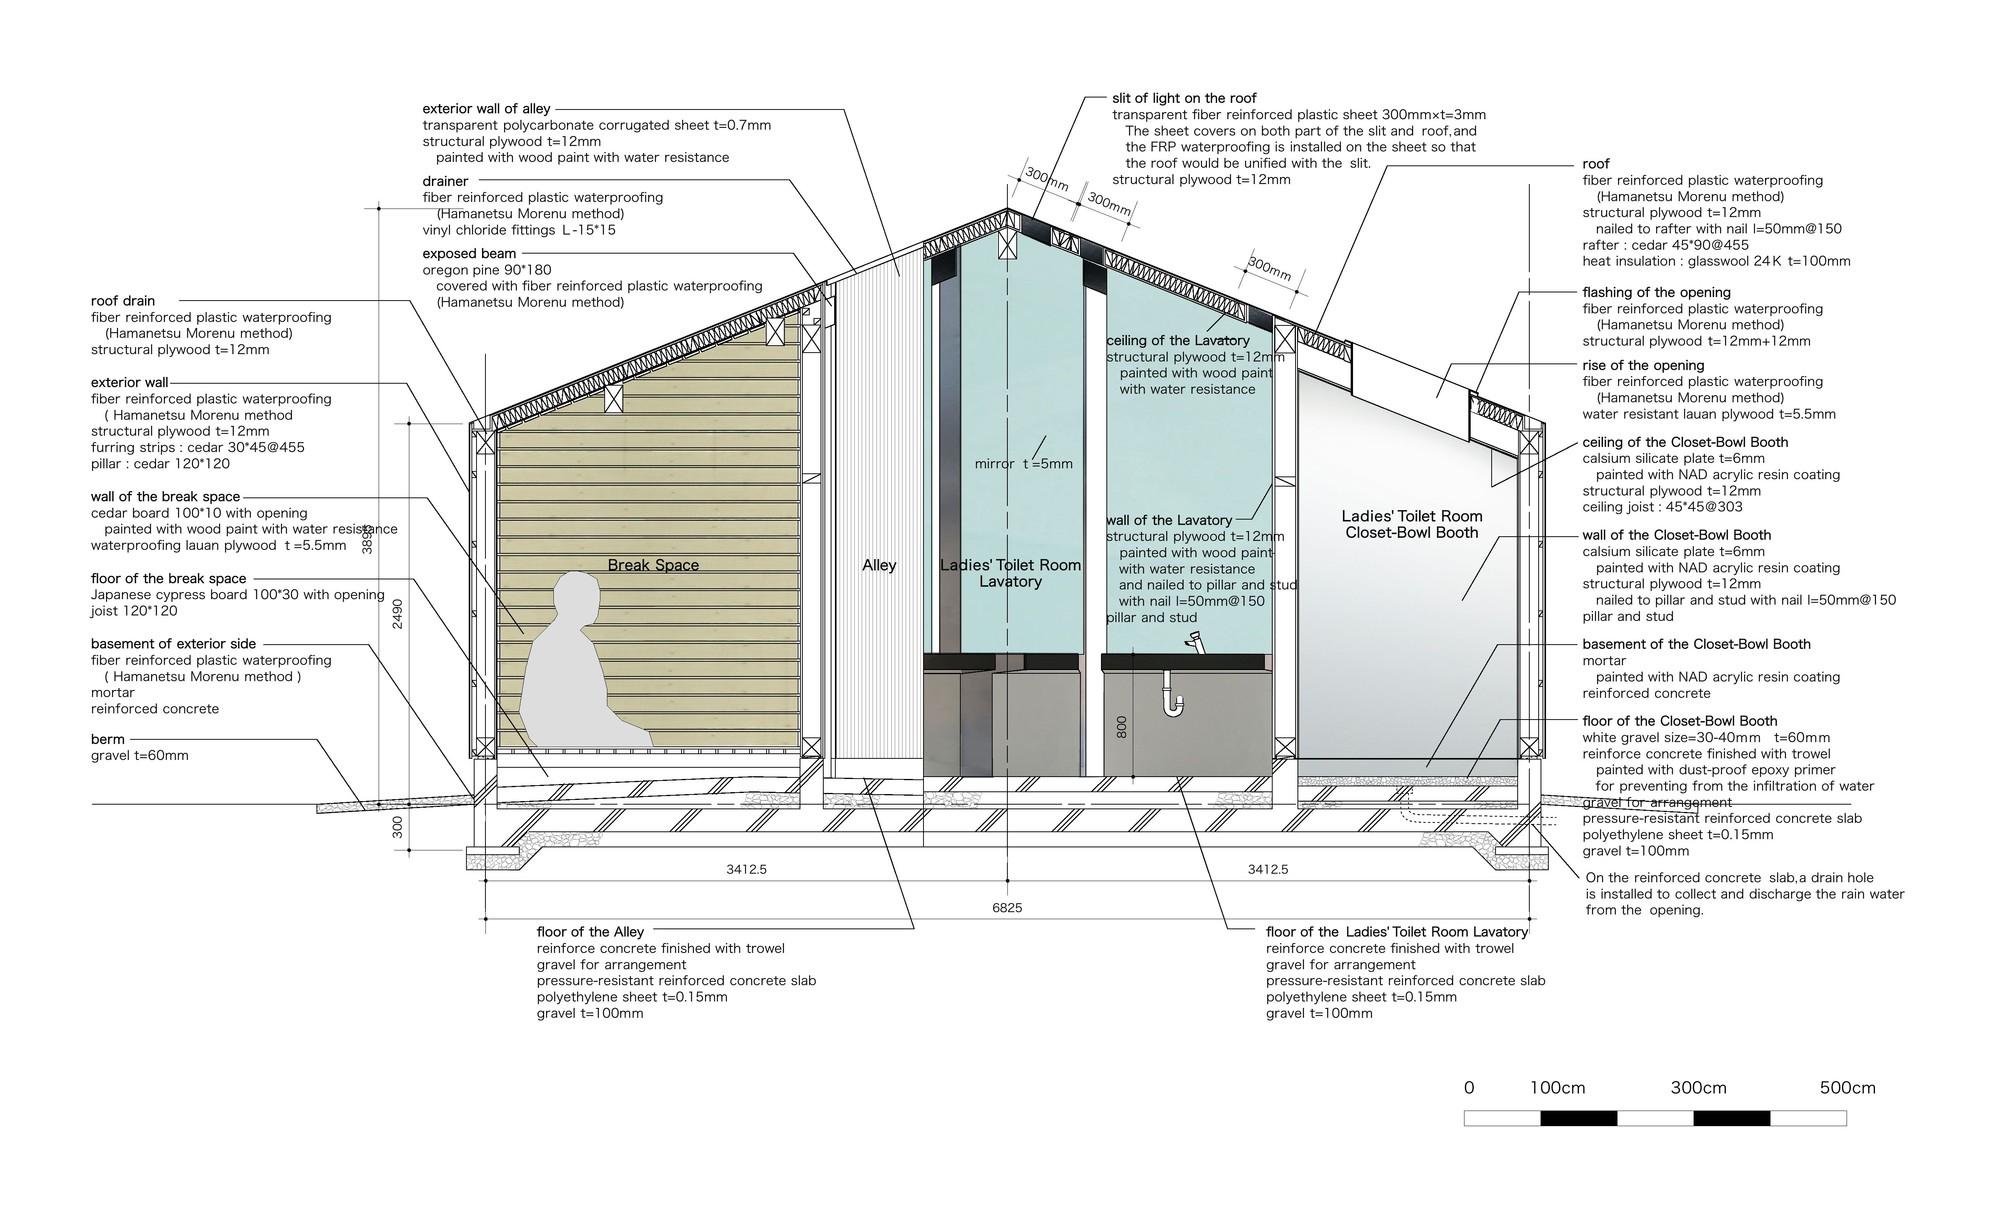 house of toilet daigo ishii future scape architects detail diagram [ 2000 x 1217 Pixel ]